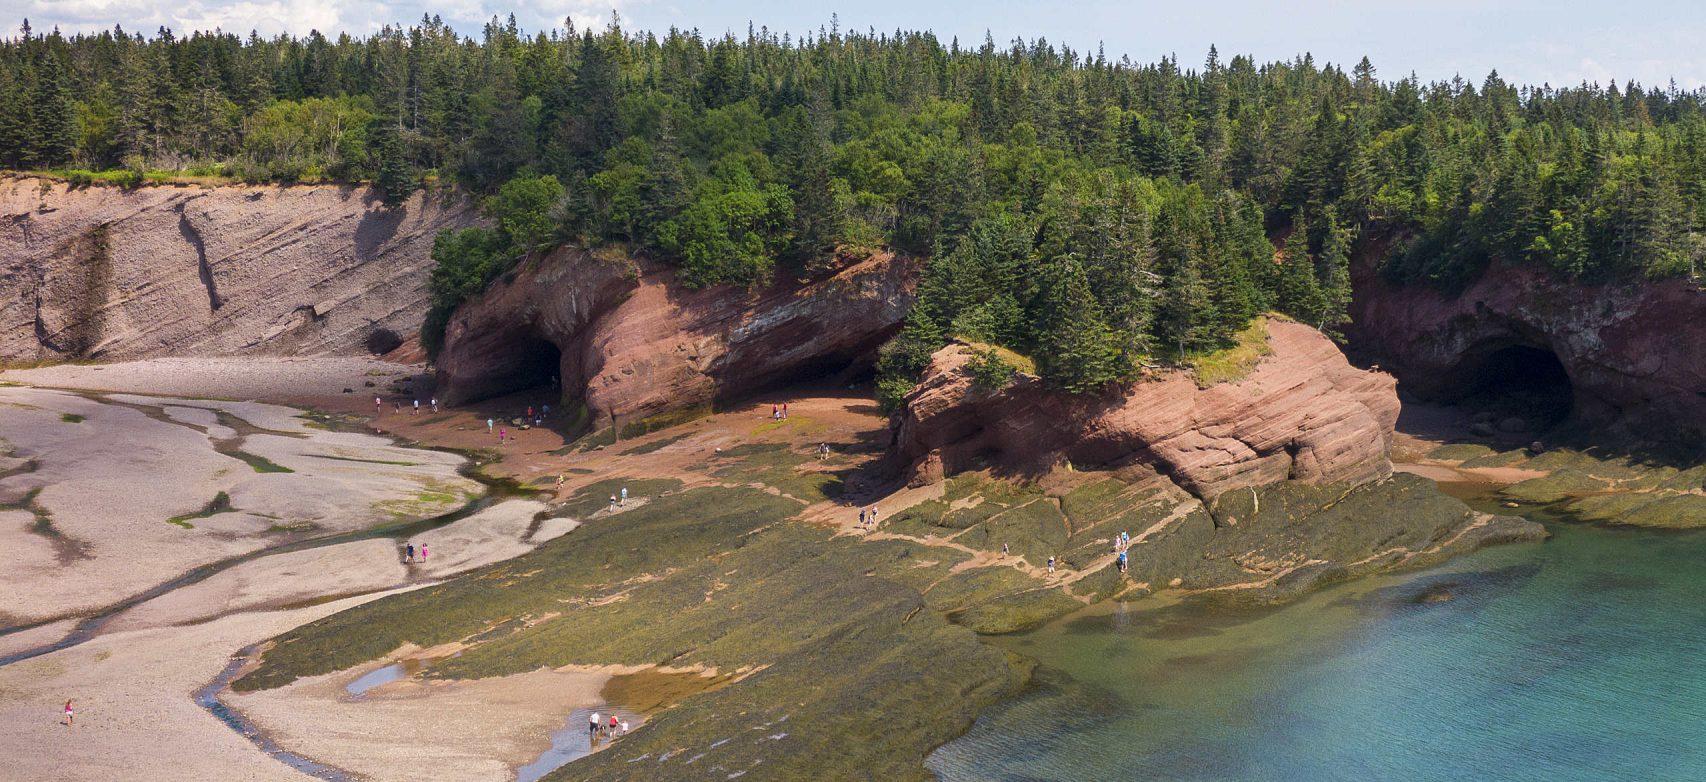 Grottes marines à St. Martins, Nouveau-Brunswick